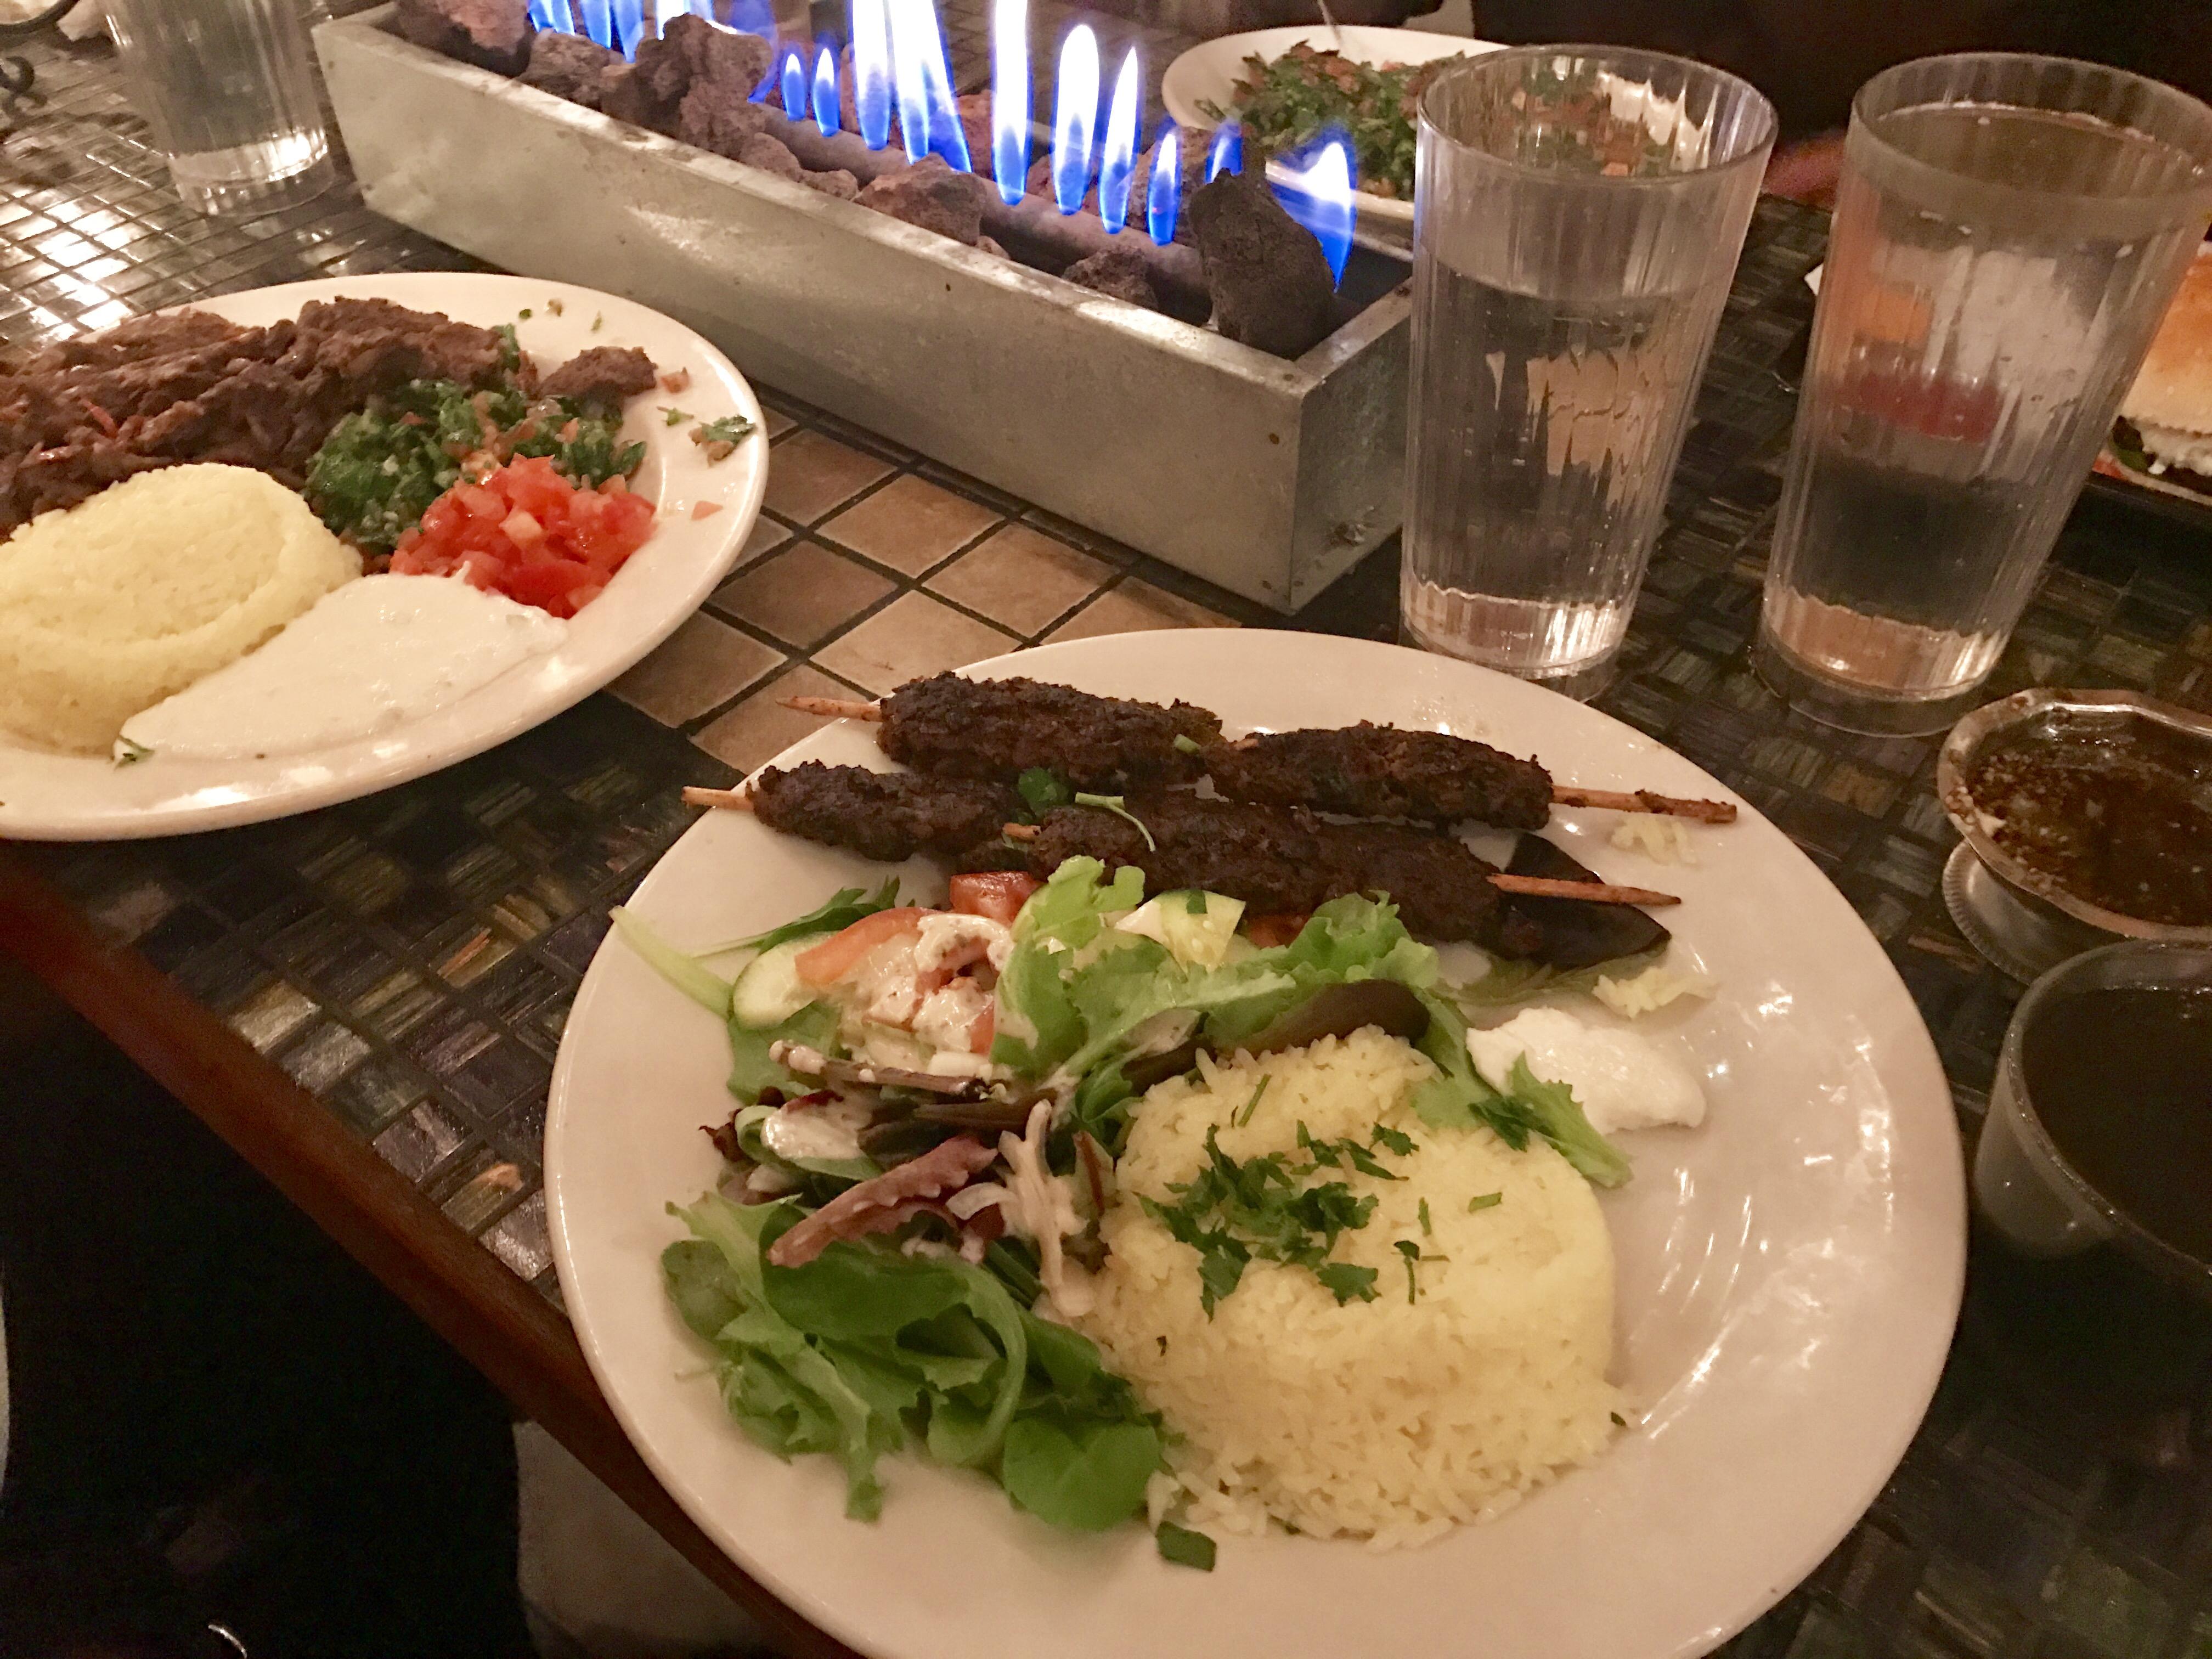 My Beef Kafta Kabab with rice and salad